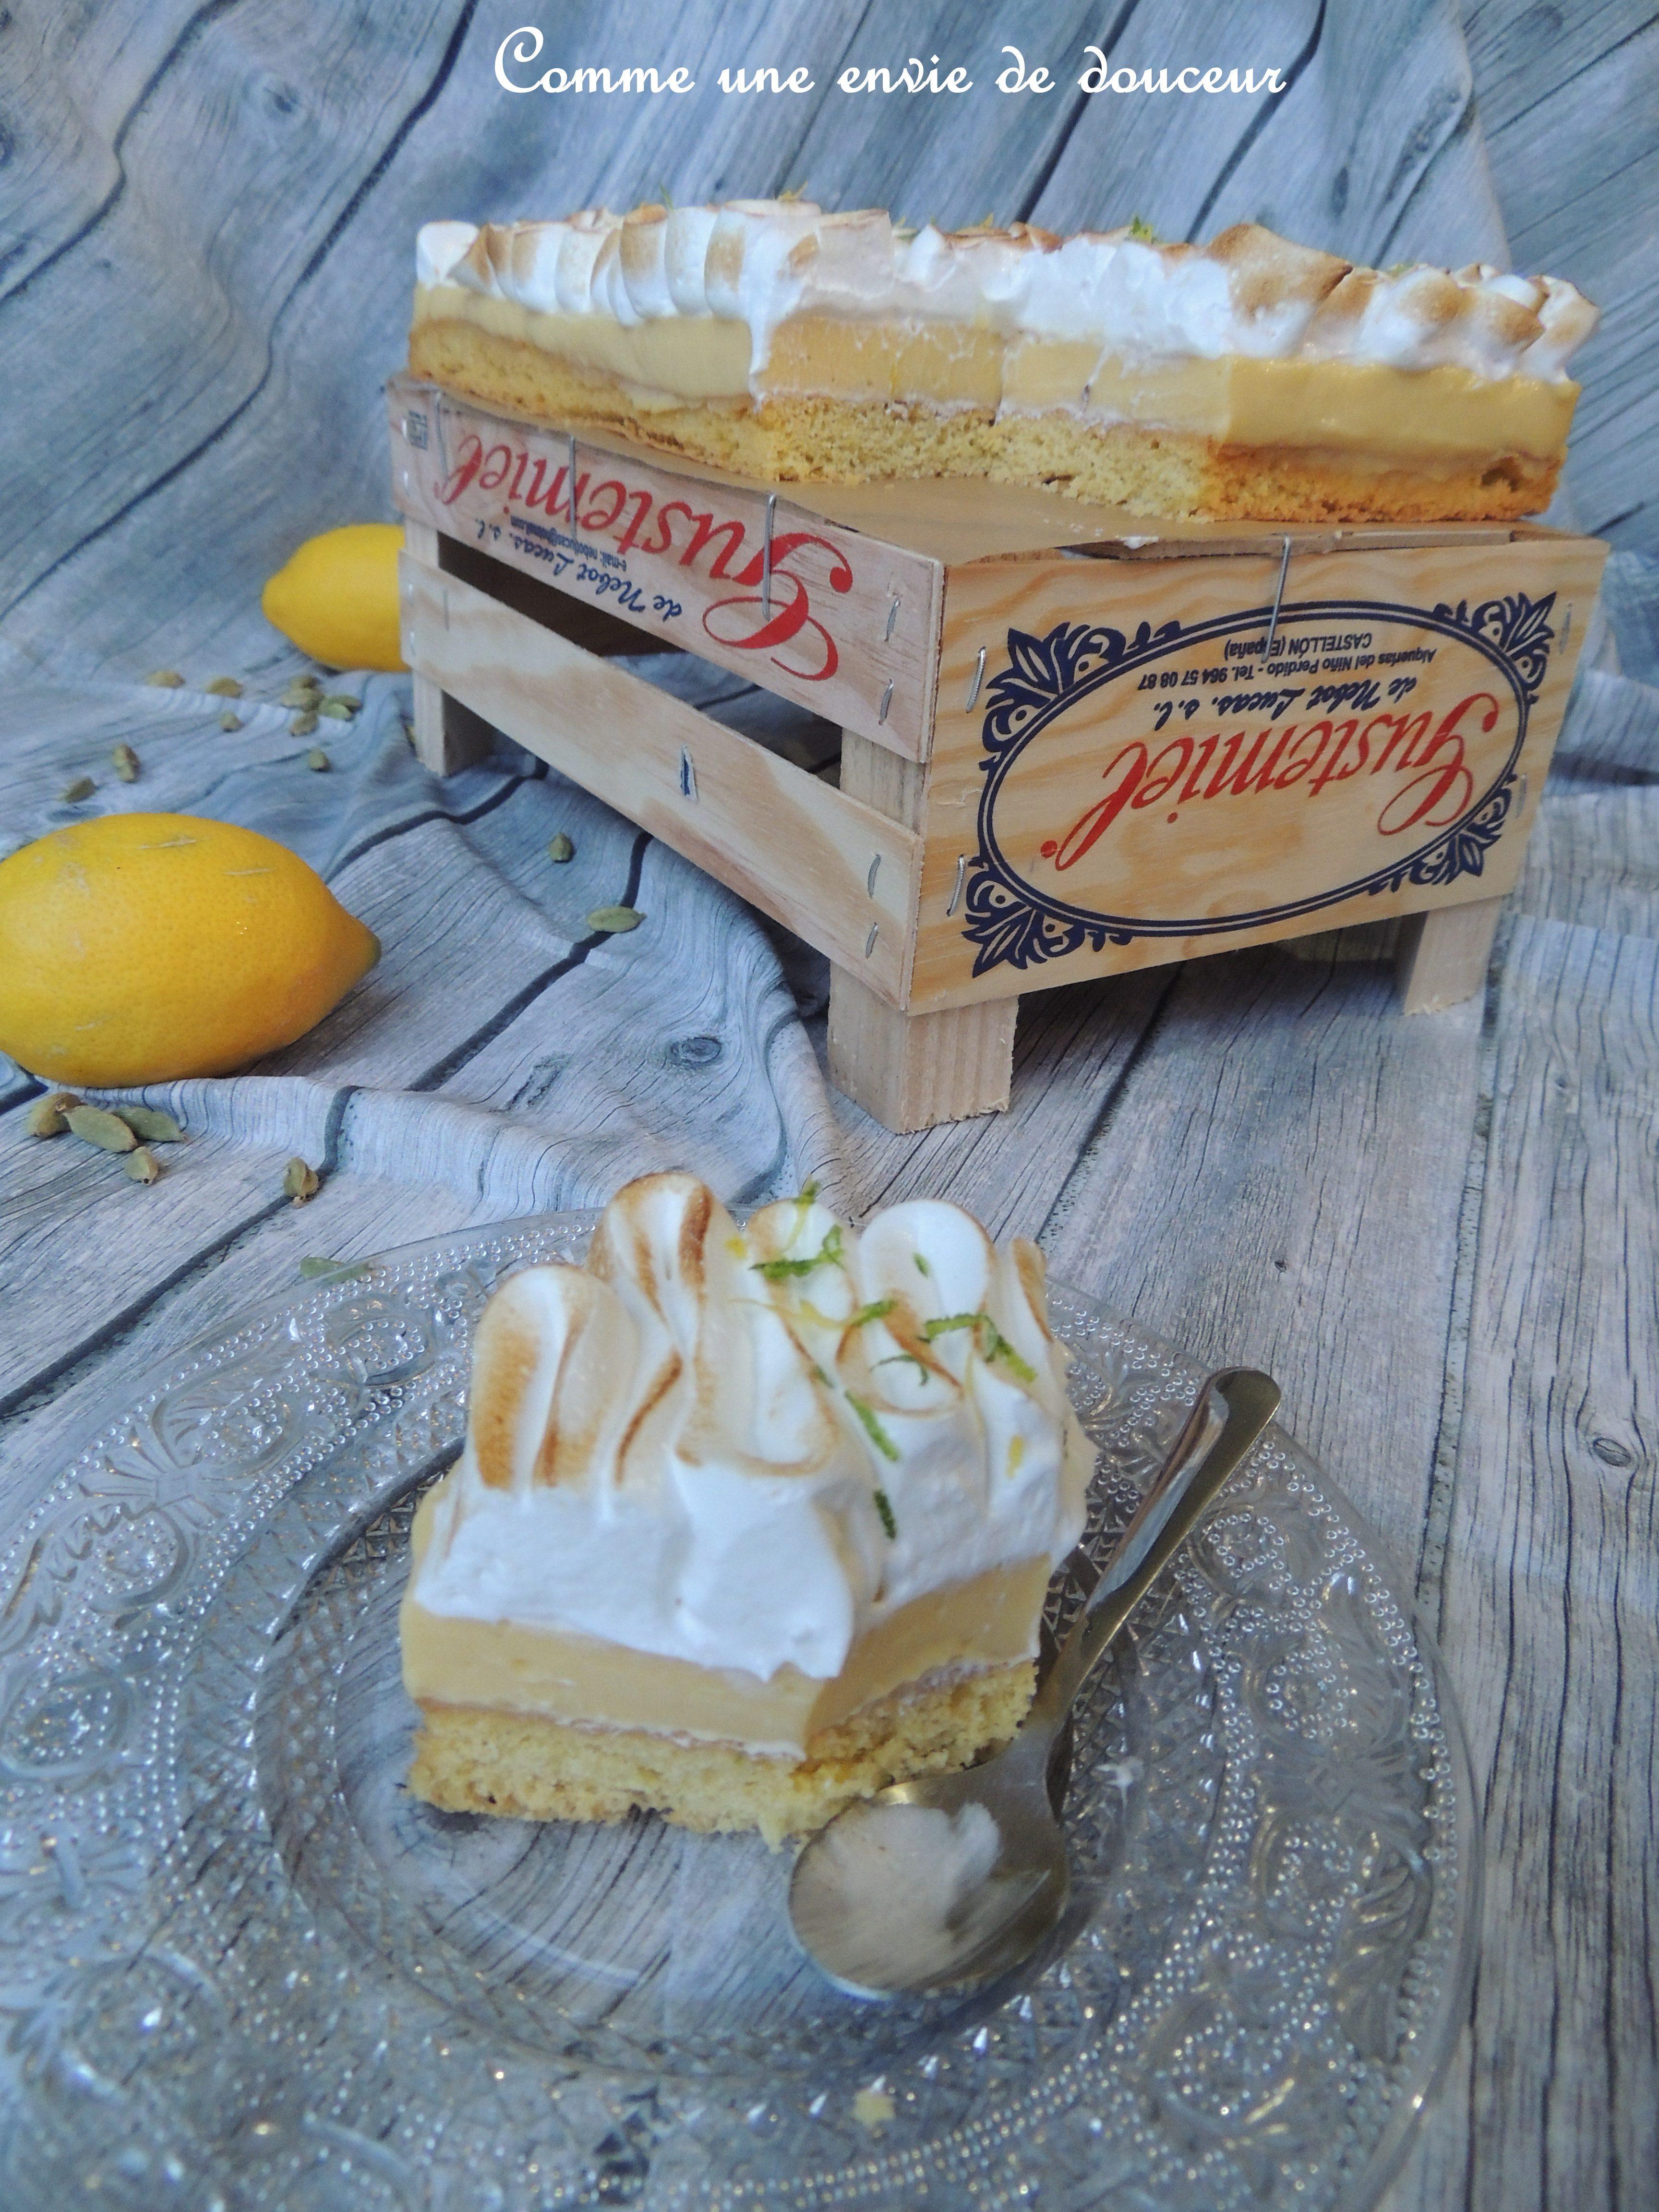 Tarte au citron & cardamome meringuée